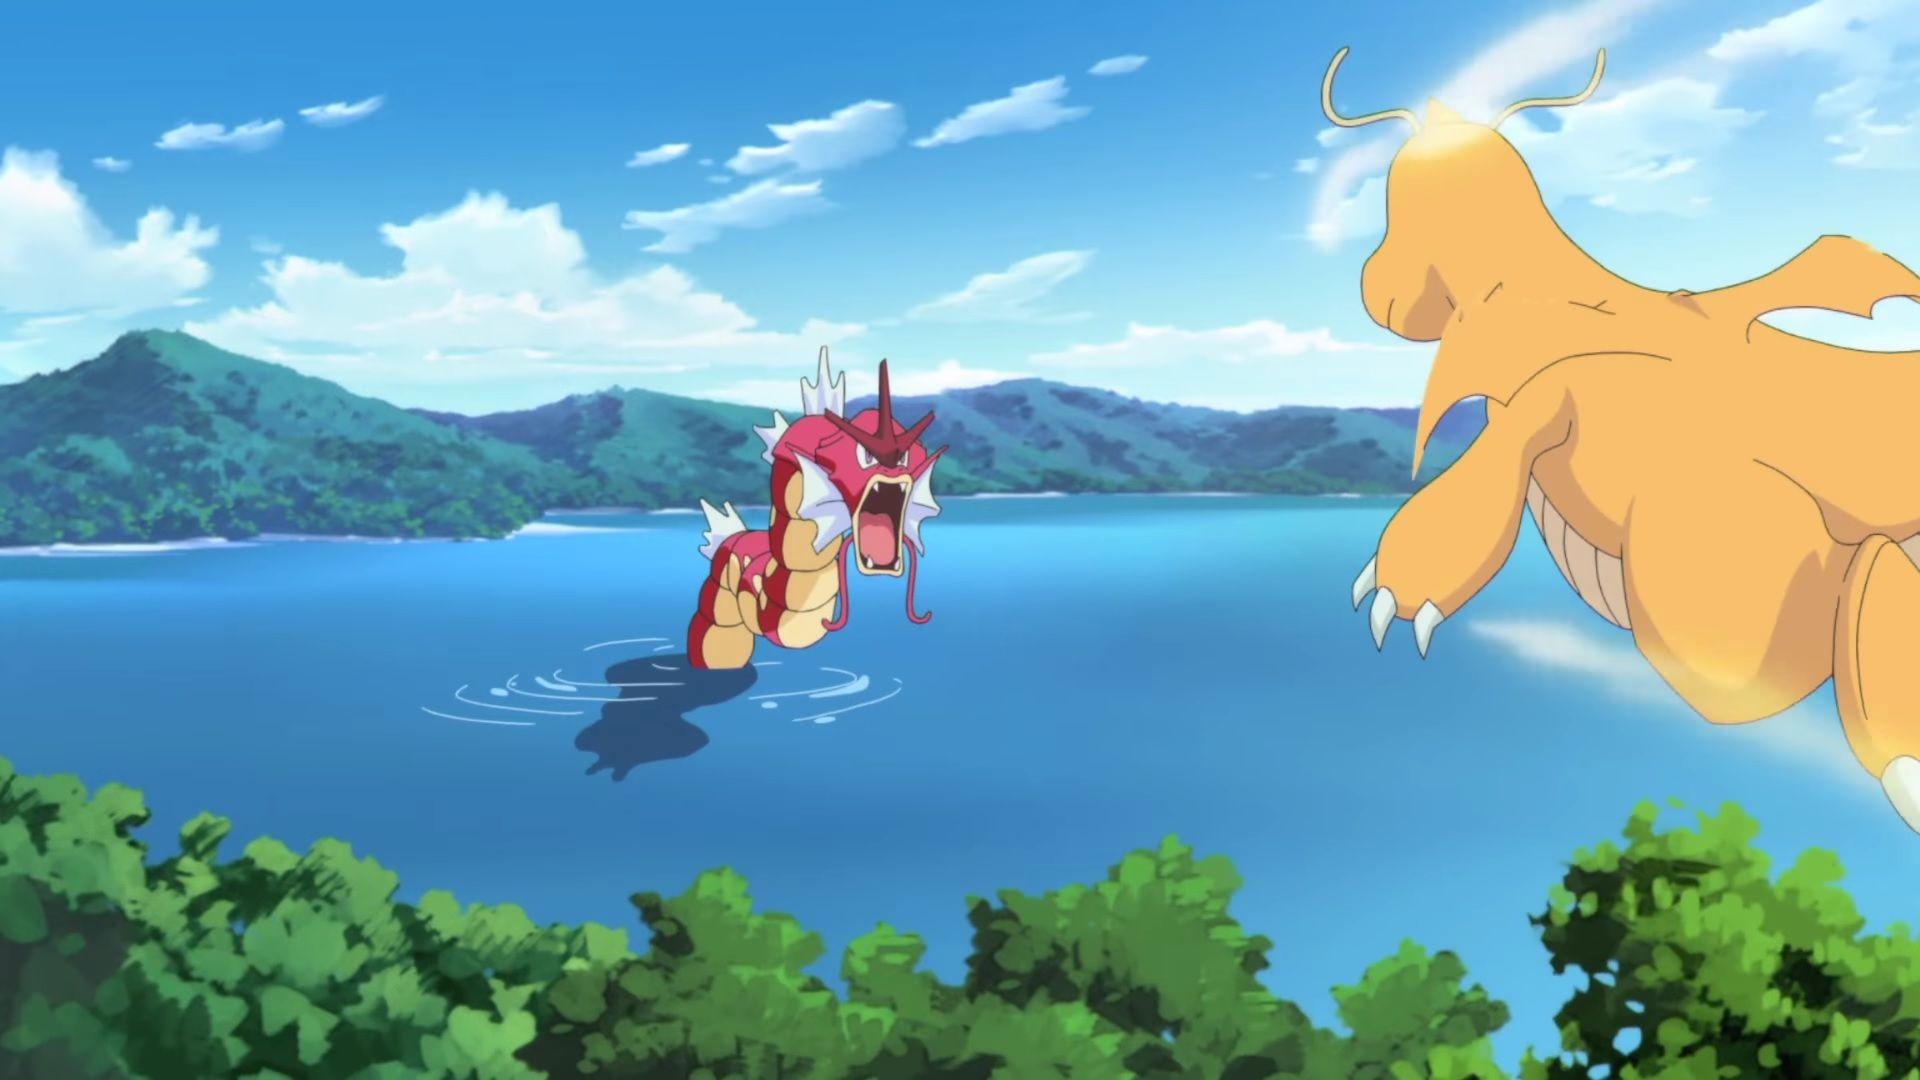 Episodio 4 de Generaciones Pokémon: El Lago de la Furia